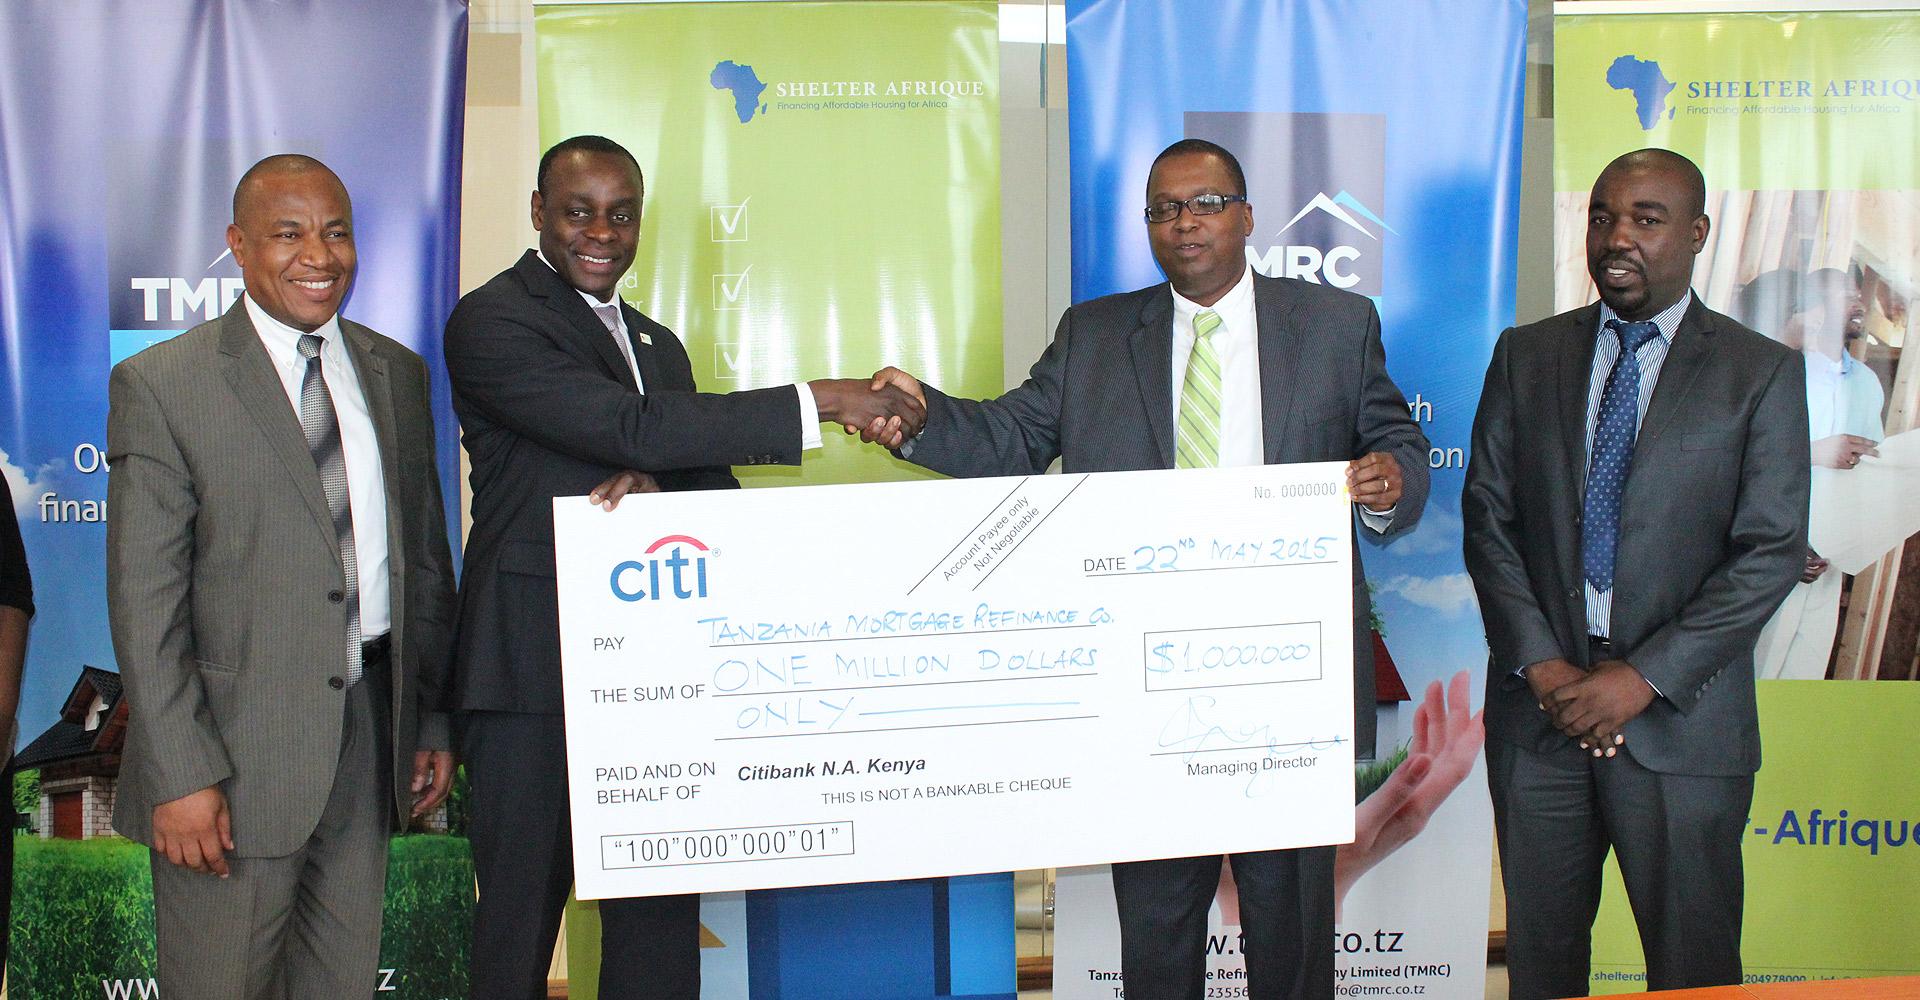 Mkurugenzi Mtendaji wa Taasisi ya mikopo ya nyumba ya Tanzania Mortgage Refinance (TMRC), Oscar Mgaya (kulia) akipokea jijini Dar es Salaam, mfano wa hundi ya Dola za Kimarekani milioni moja